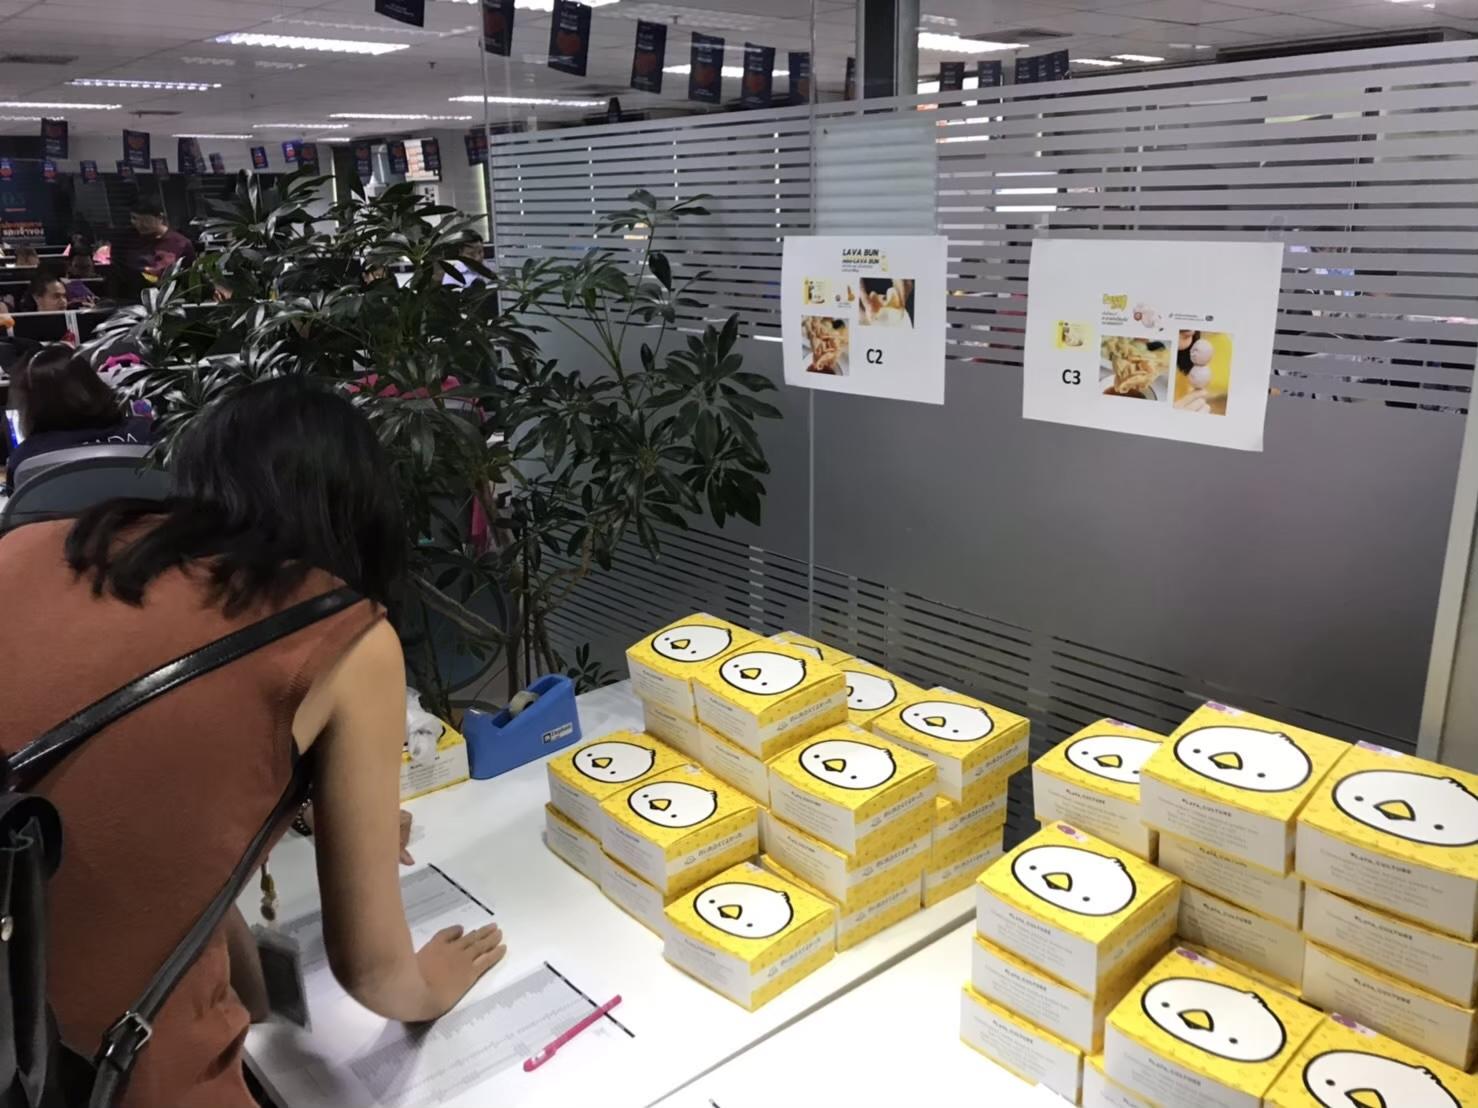 หน้าที่ ประชุม, หน้าที่ meeting, ตำแหน่ง ประชุม, บทบาท ประชุม, snack box